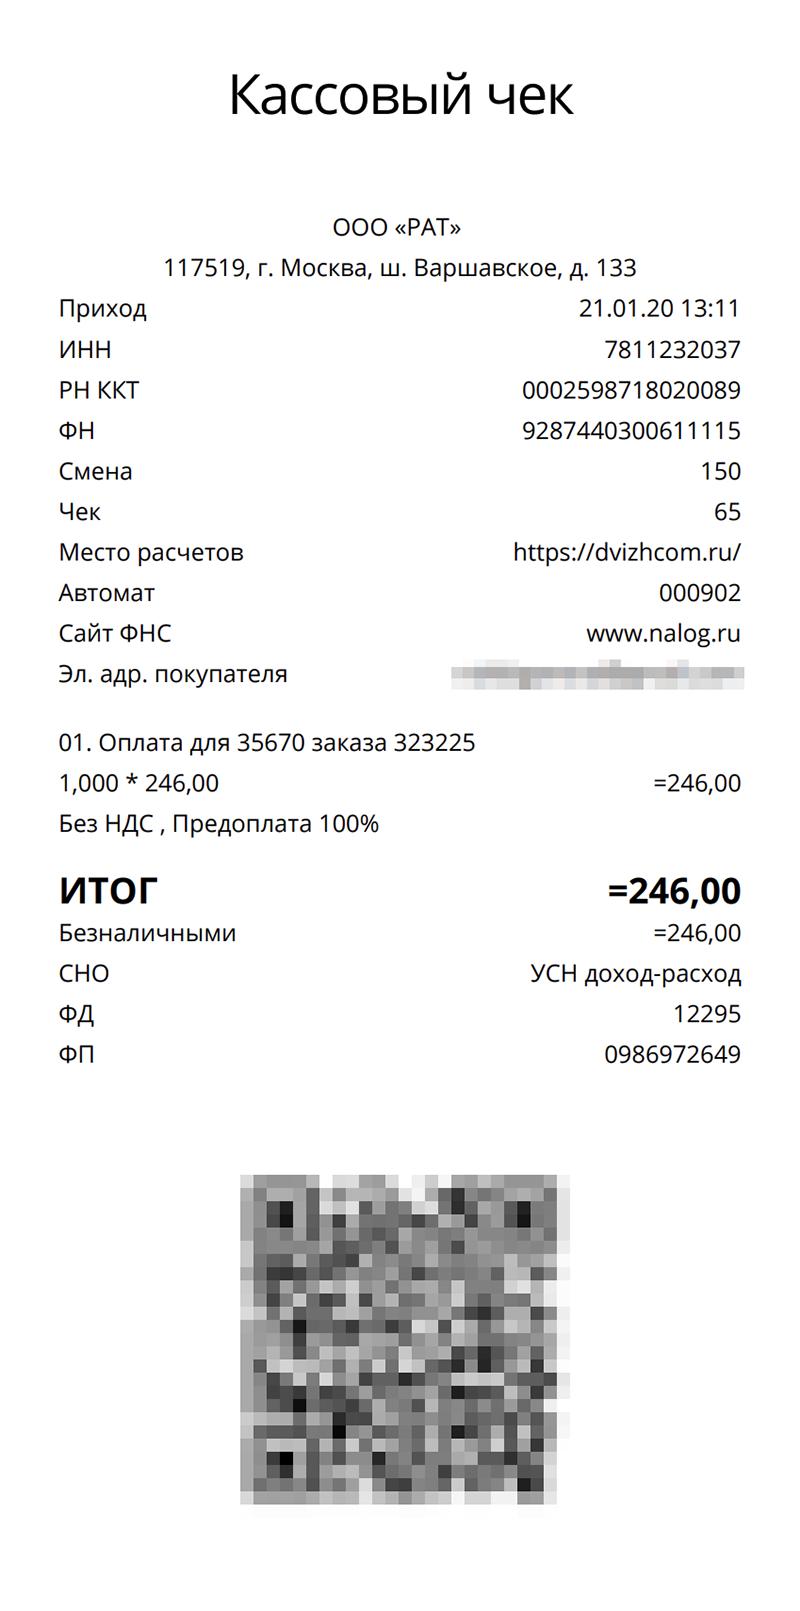 Так выглядит небрендированный электронный чек из интернет-магазина автозапчастей, который мне отправила онлайн-касса